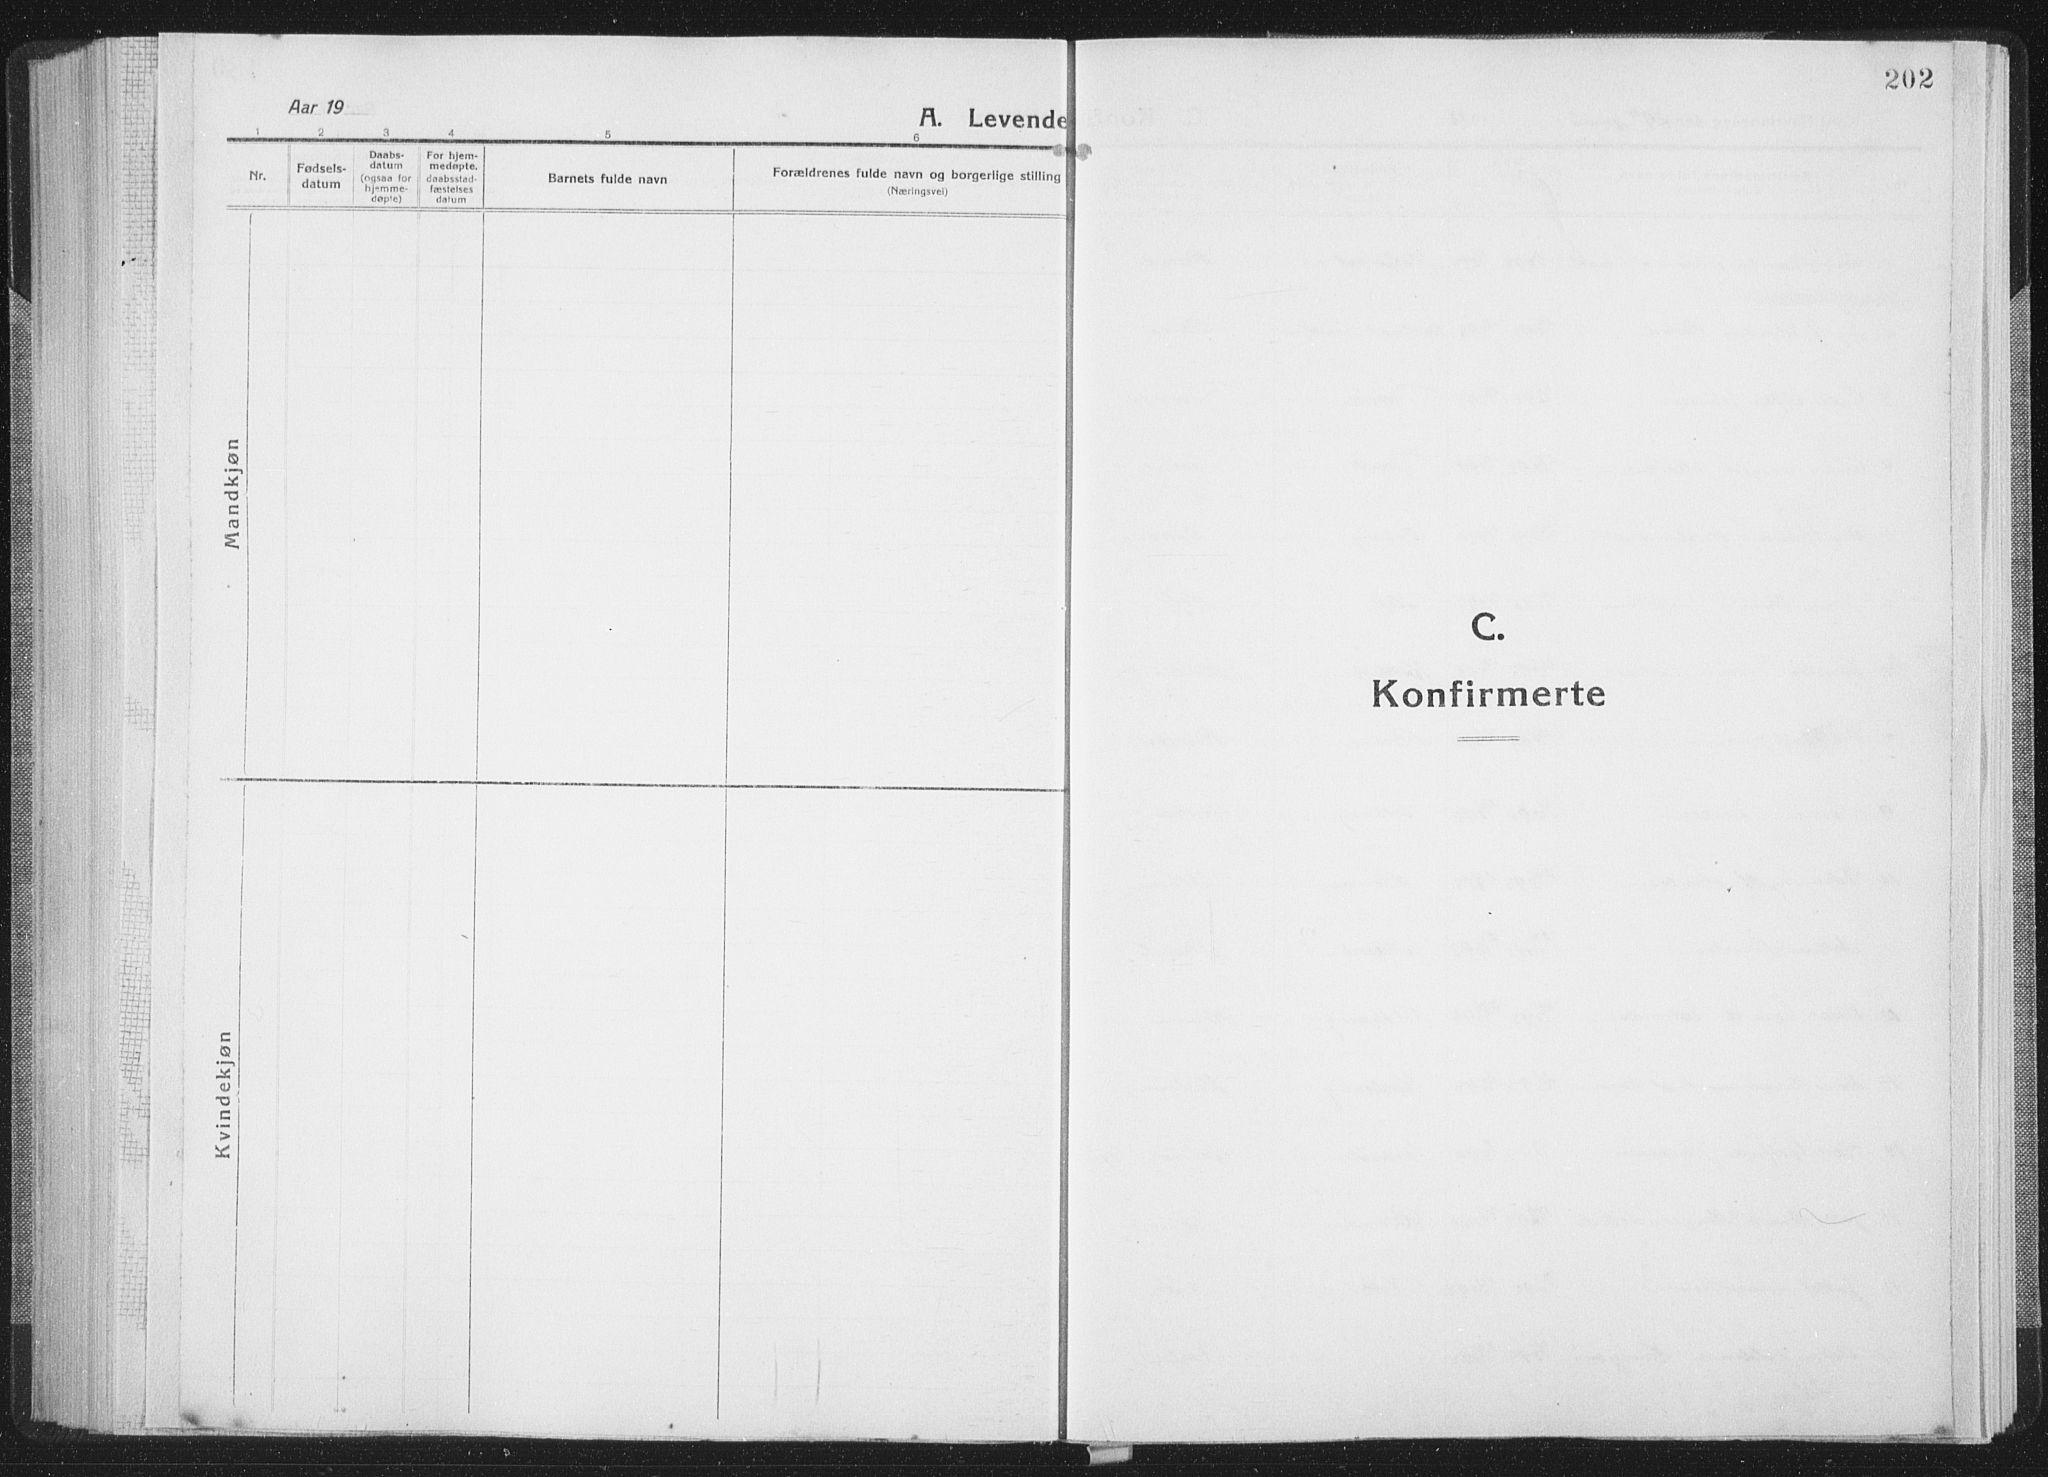 SAT, Ministerialprotokoller, klokkerbøker og fødselsregistre - Sør-Trøndelag, 659/L0747: Klokkerbok nr. 659C04, 1913-1938, s. 202